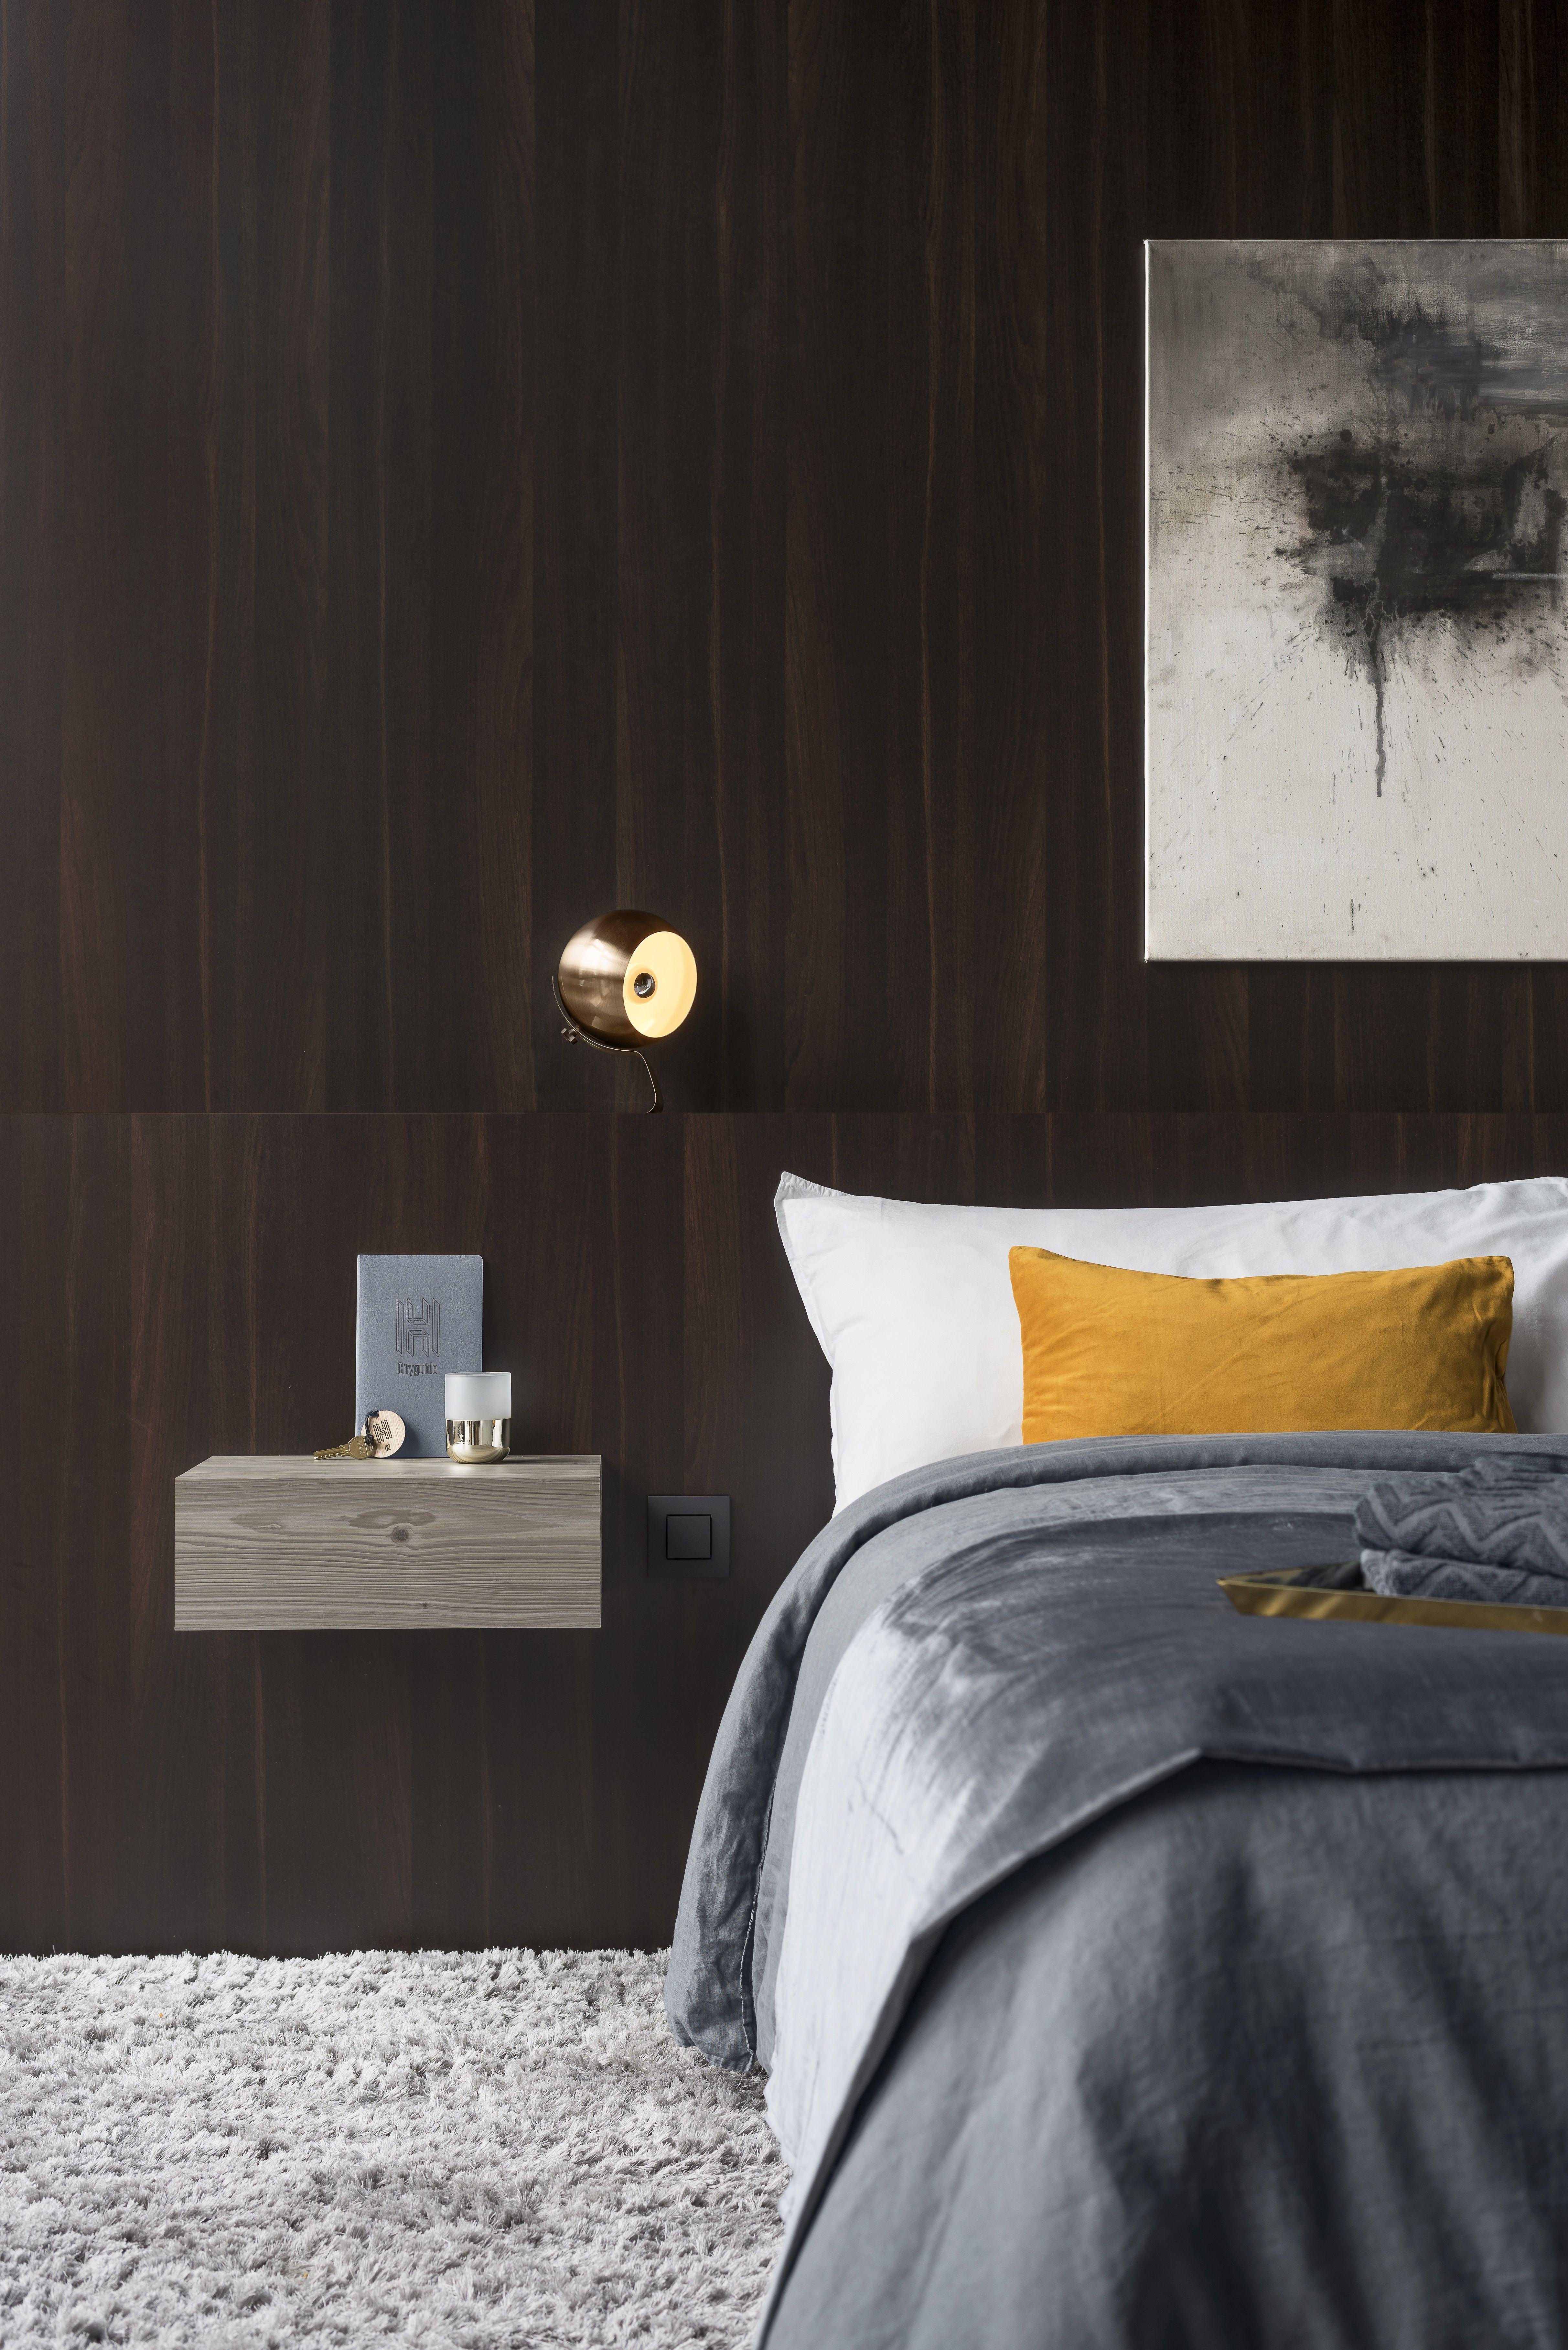 H850 Cst Fumed Oak Hotel Interior Design Interior Wall Design Interior Design